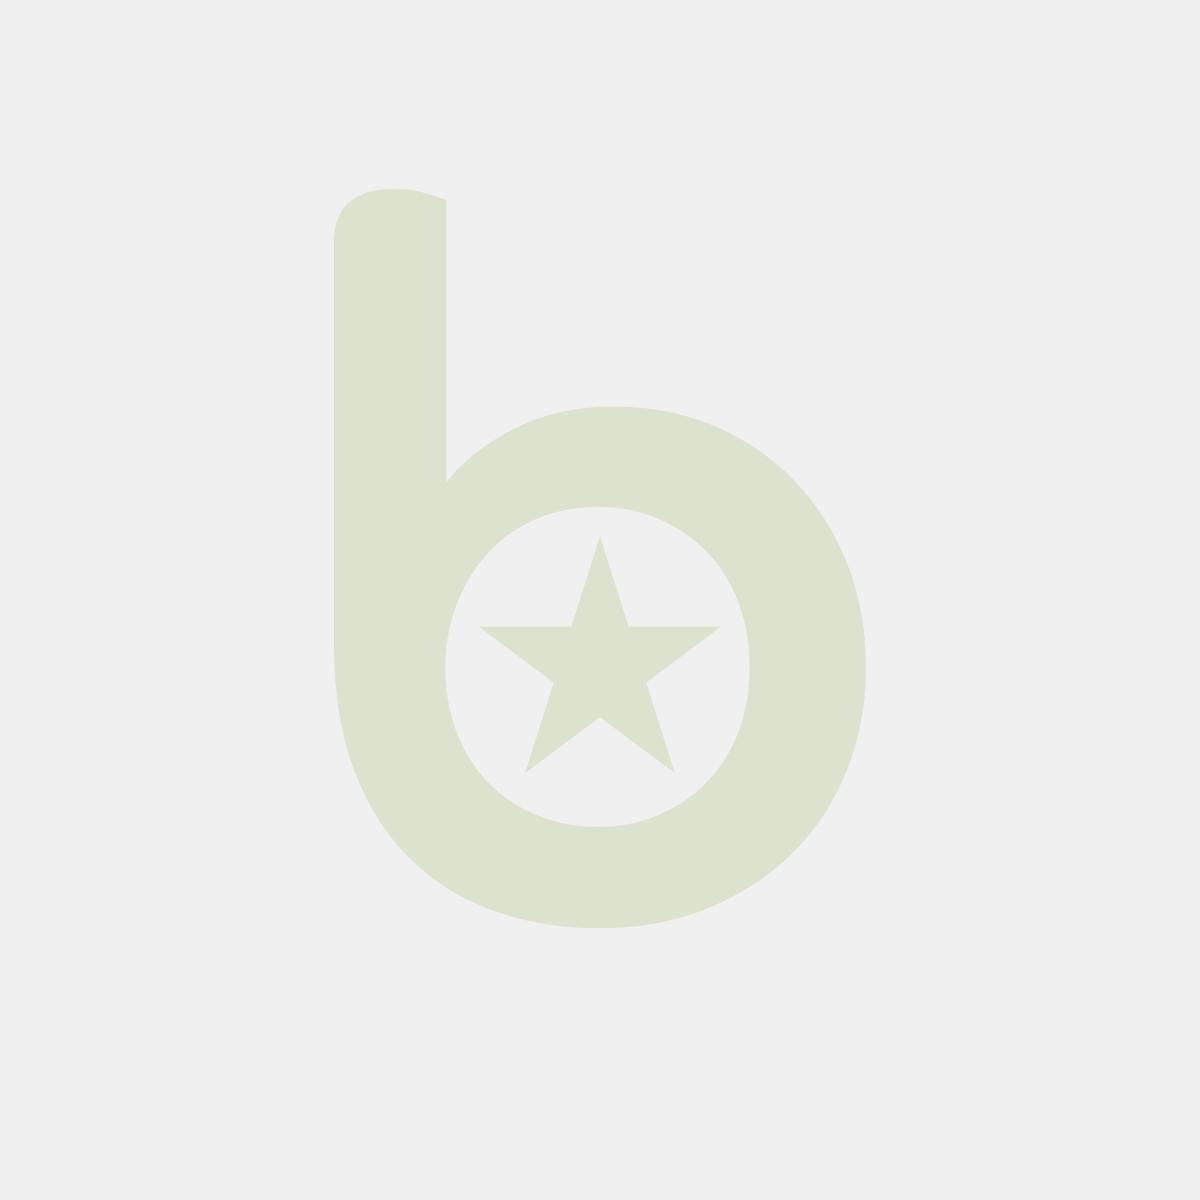 Pokrywka Do Pojemników Gn Z Polipropylenu Gn 1/3